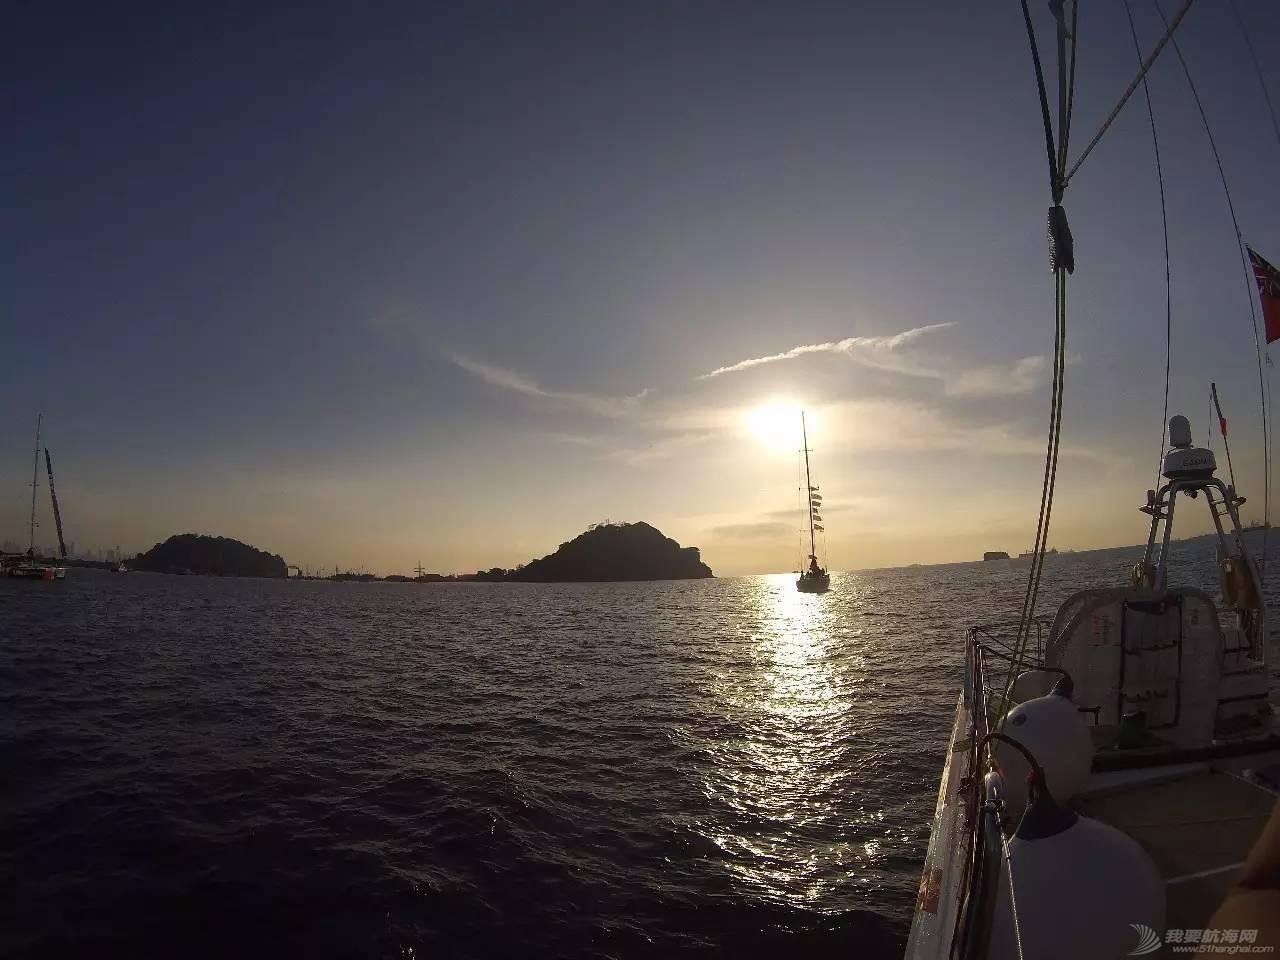 22岁她才见到海,27岁她在海上看世界 9cf74a861e0c8878c0bfdf602dbe7531.jpg